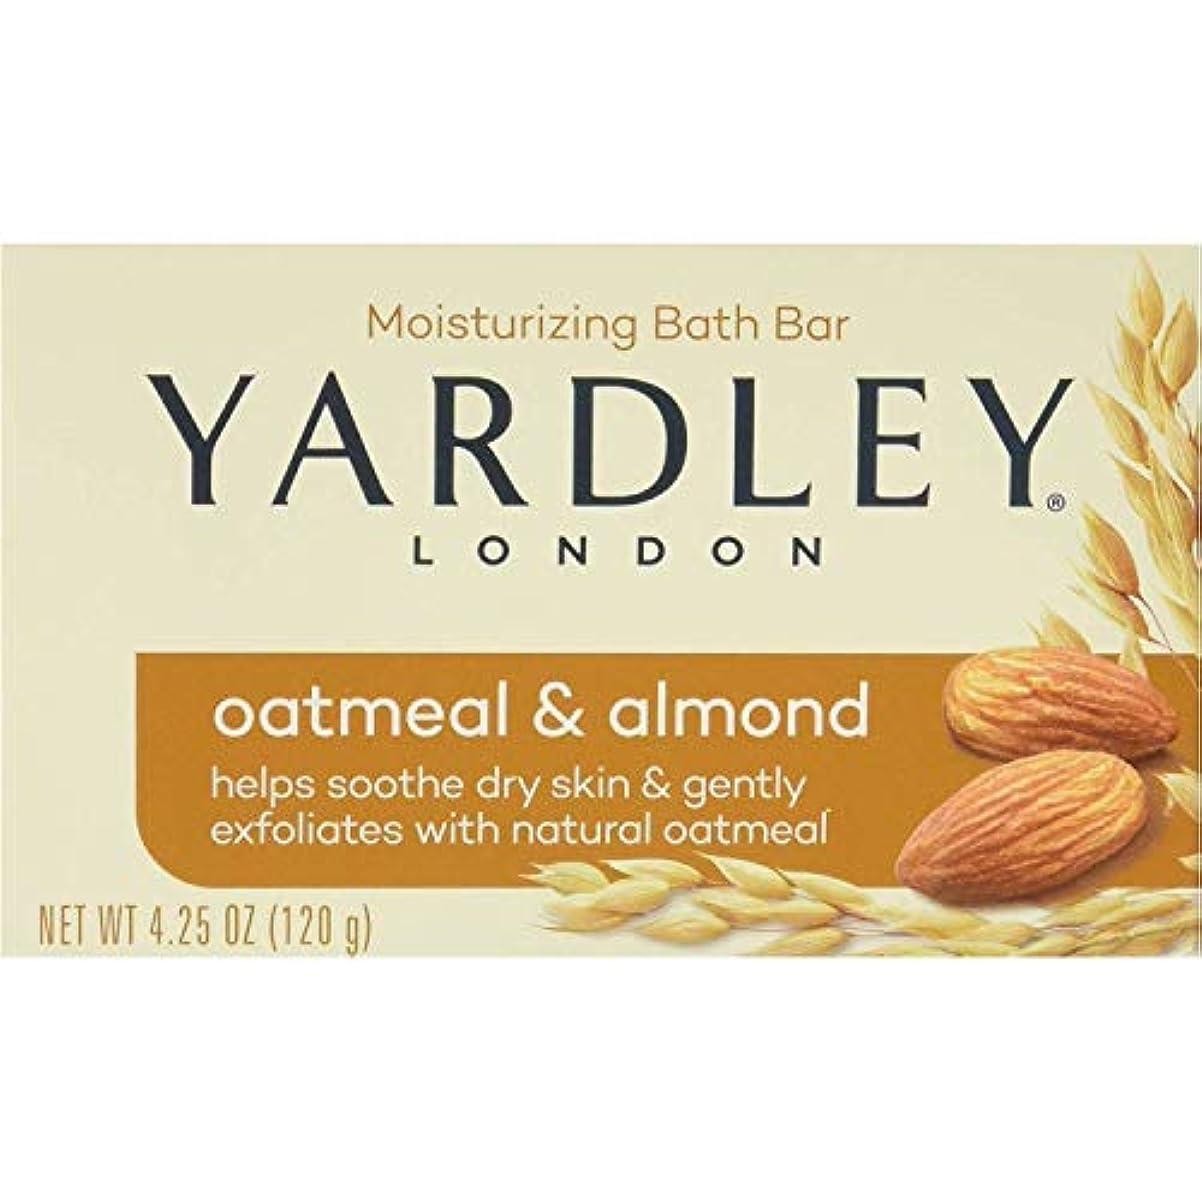 殺すペストリーパン屋Yardley オートミールとアーモンド石鹸、4.25オズ。 20本のバー